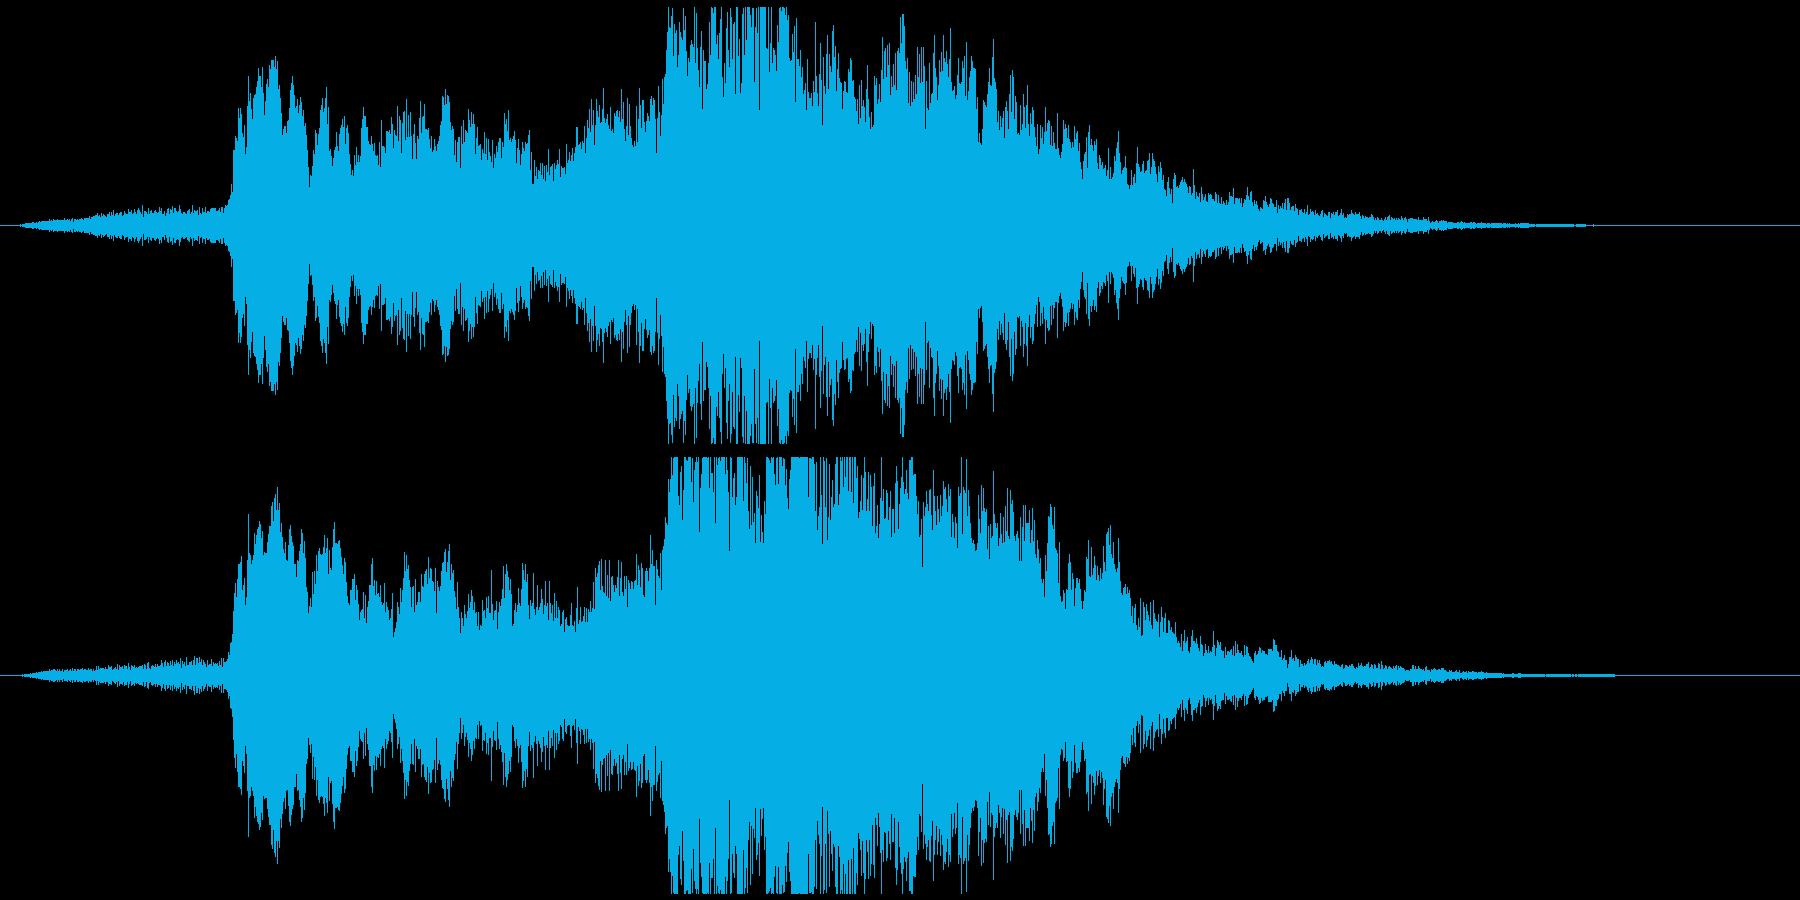 海の幻想的なイメージの再生済みの波形